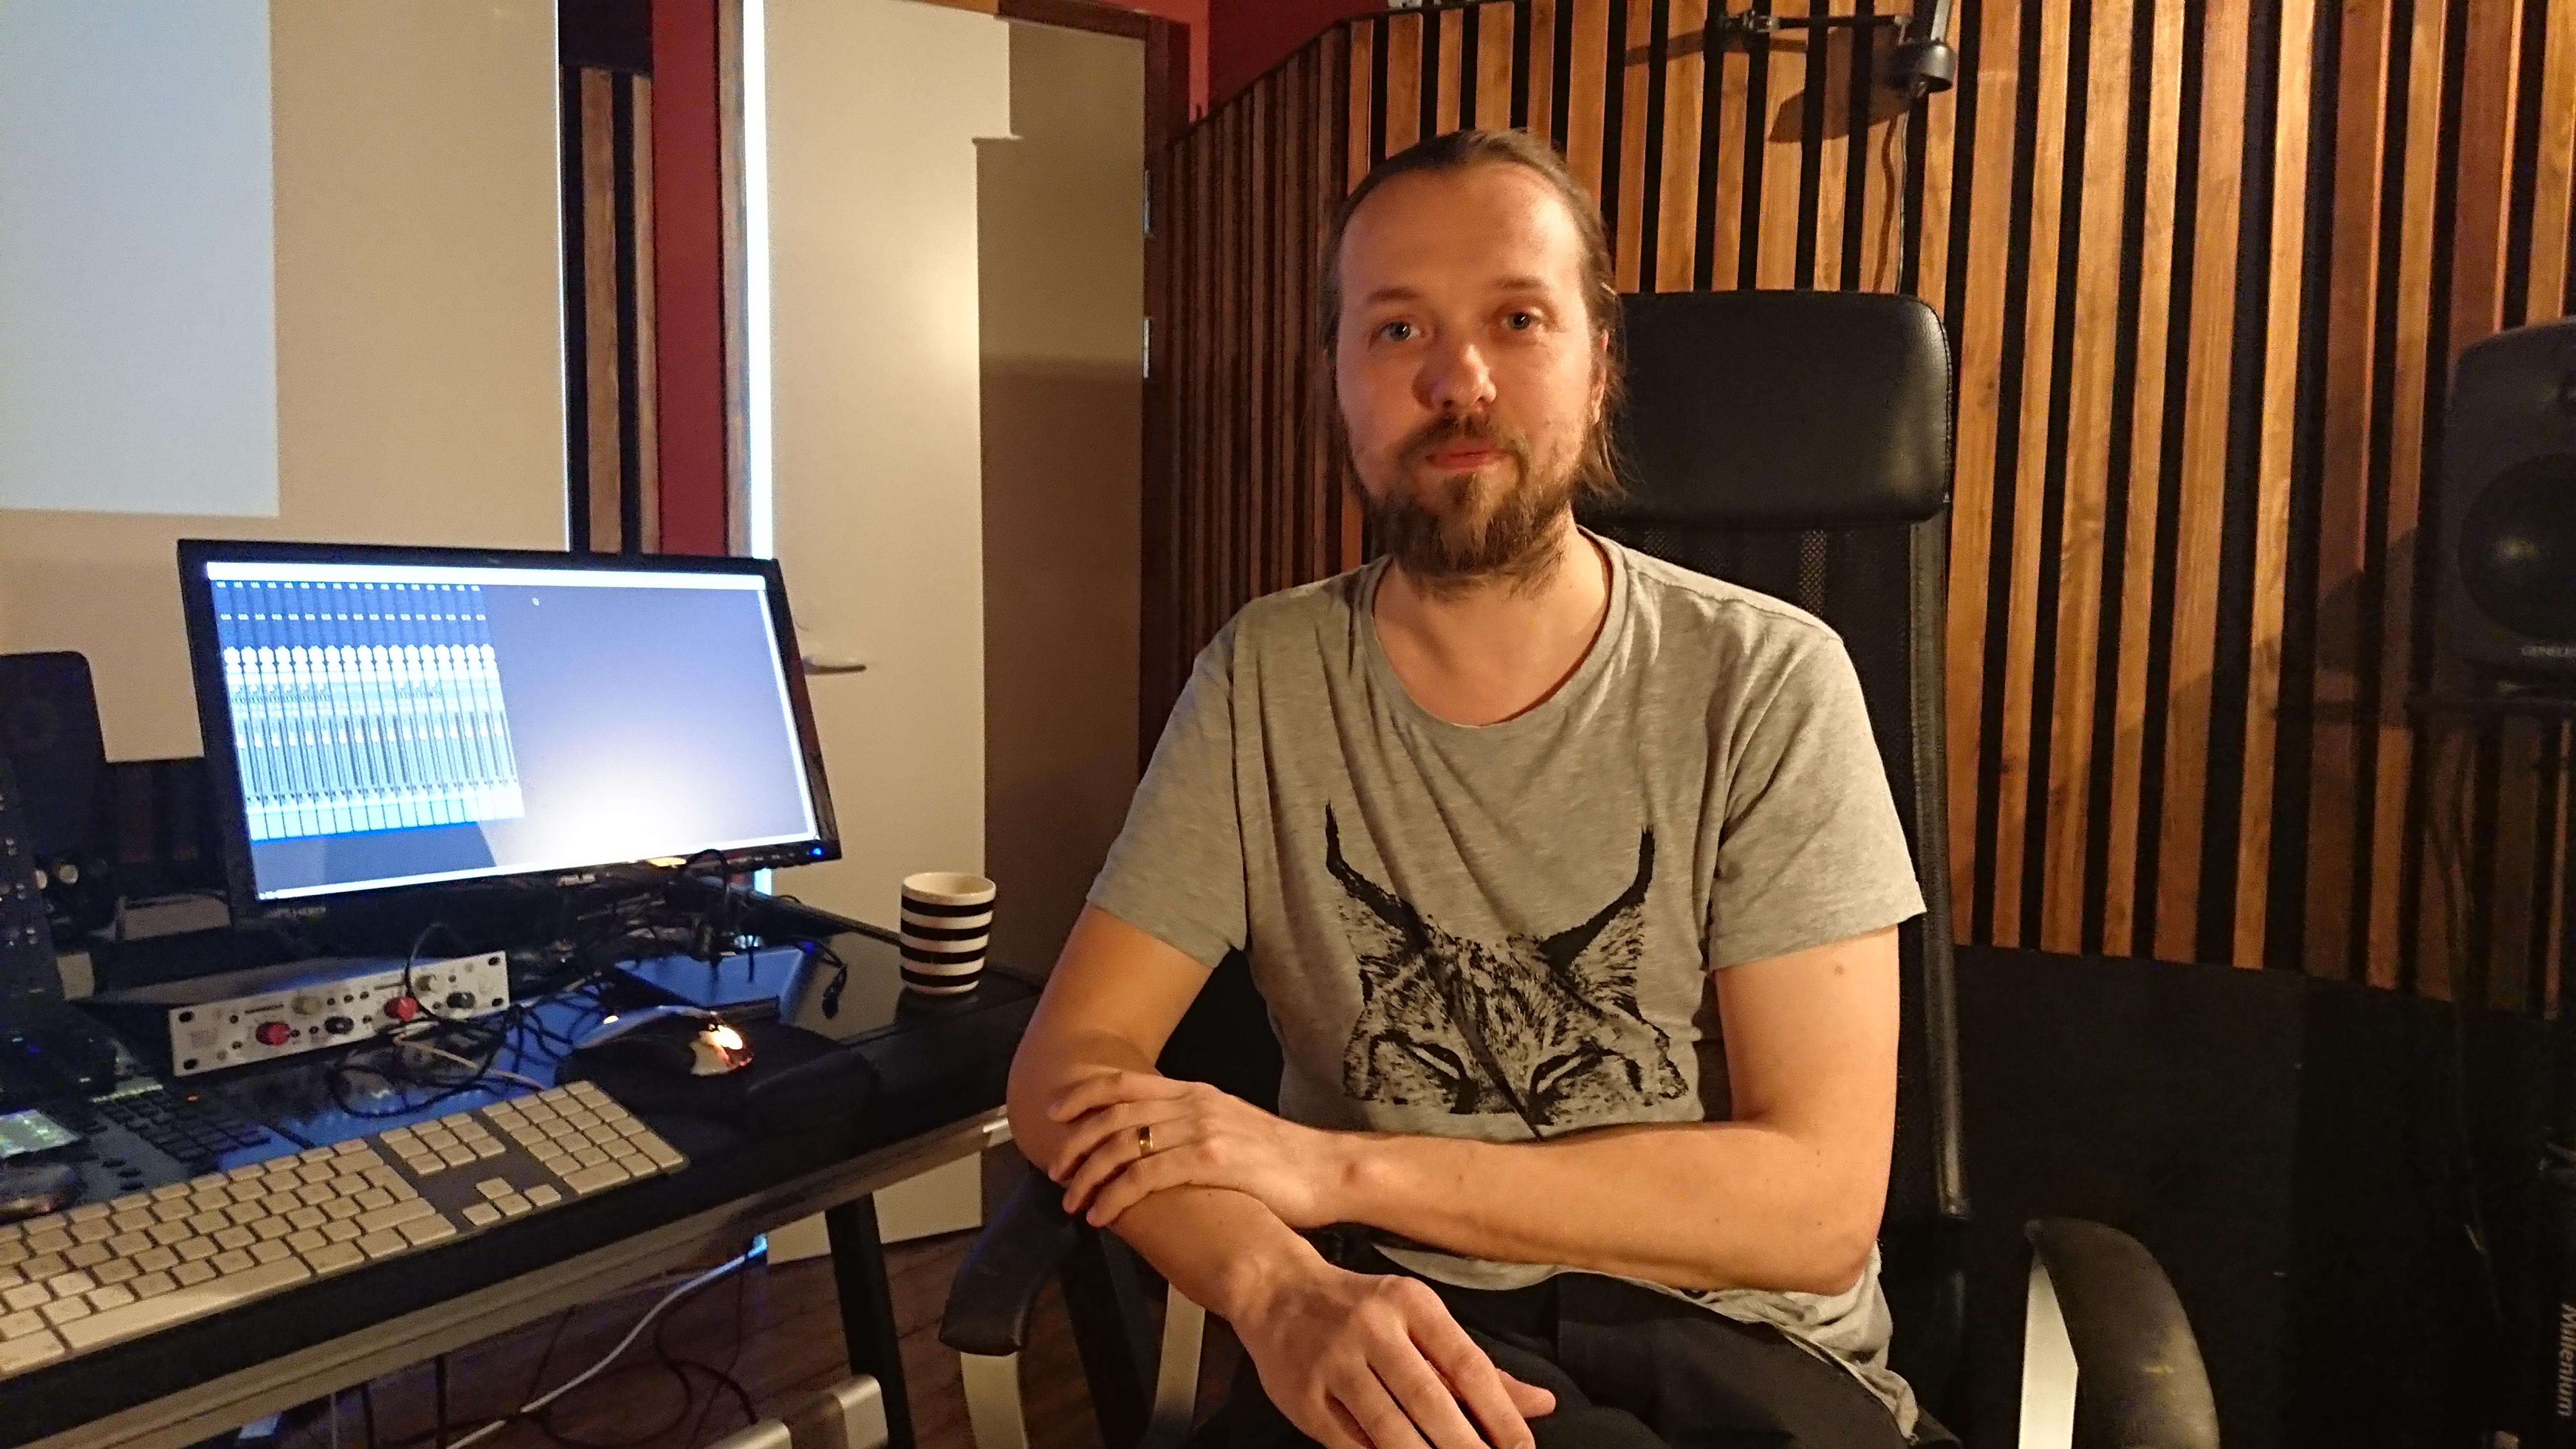 Äänisuunnittelija Pietu Korhonen tietokoneen vierellä työtilassaan